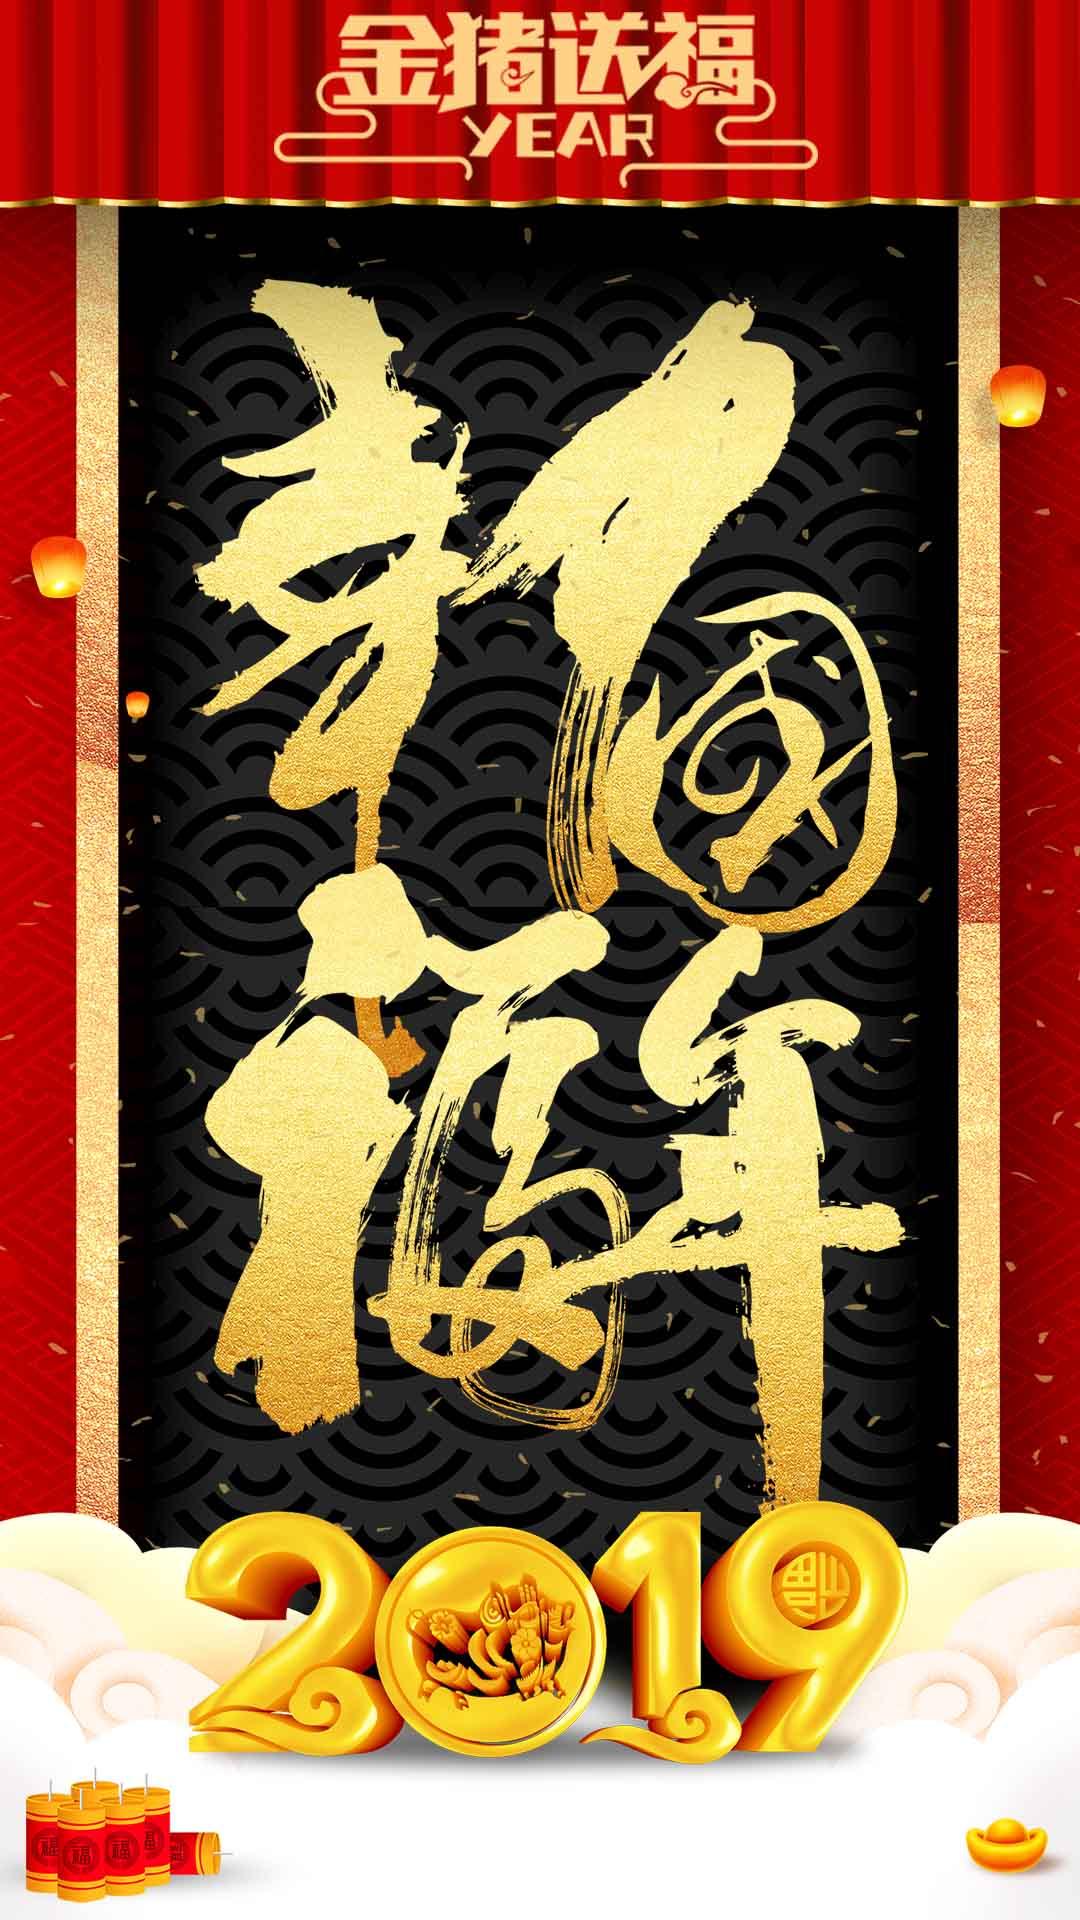 喜迎新年祝福文字高清手机养眼壁纸